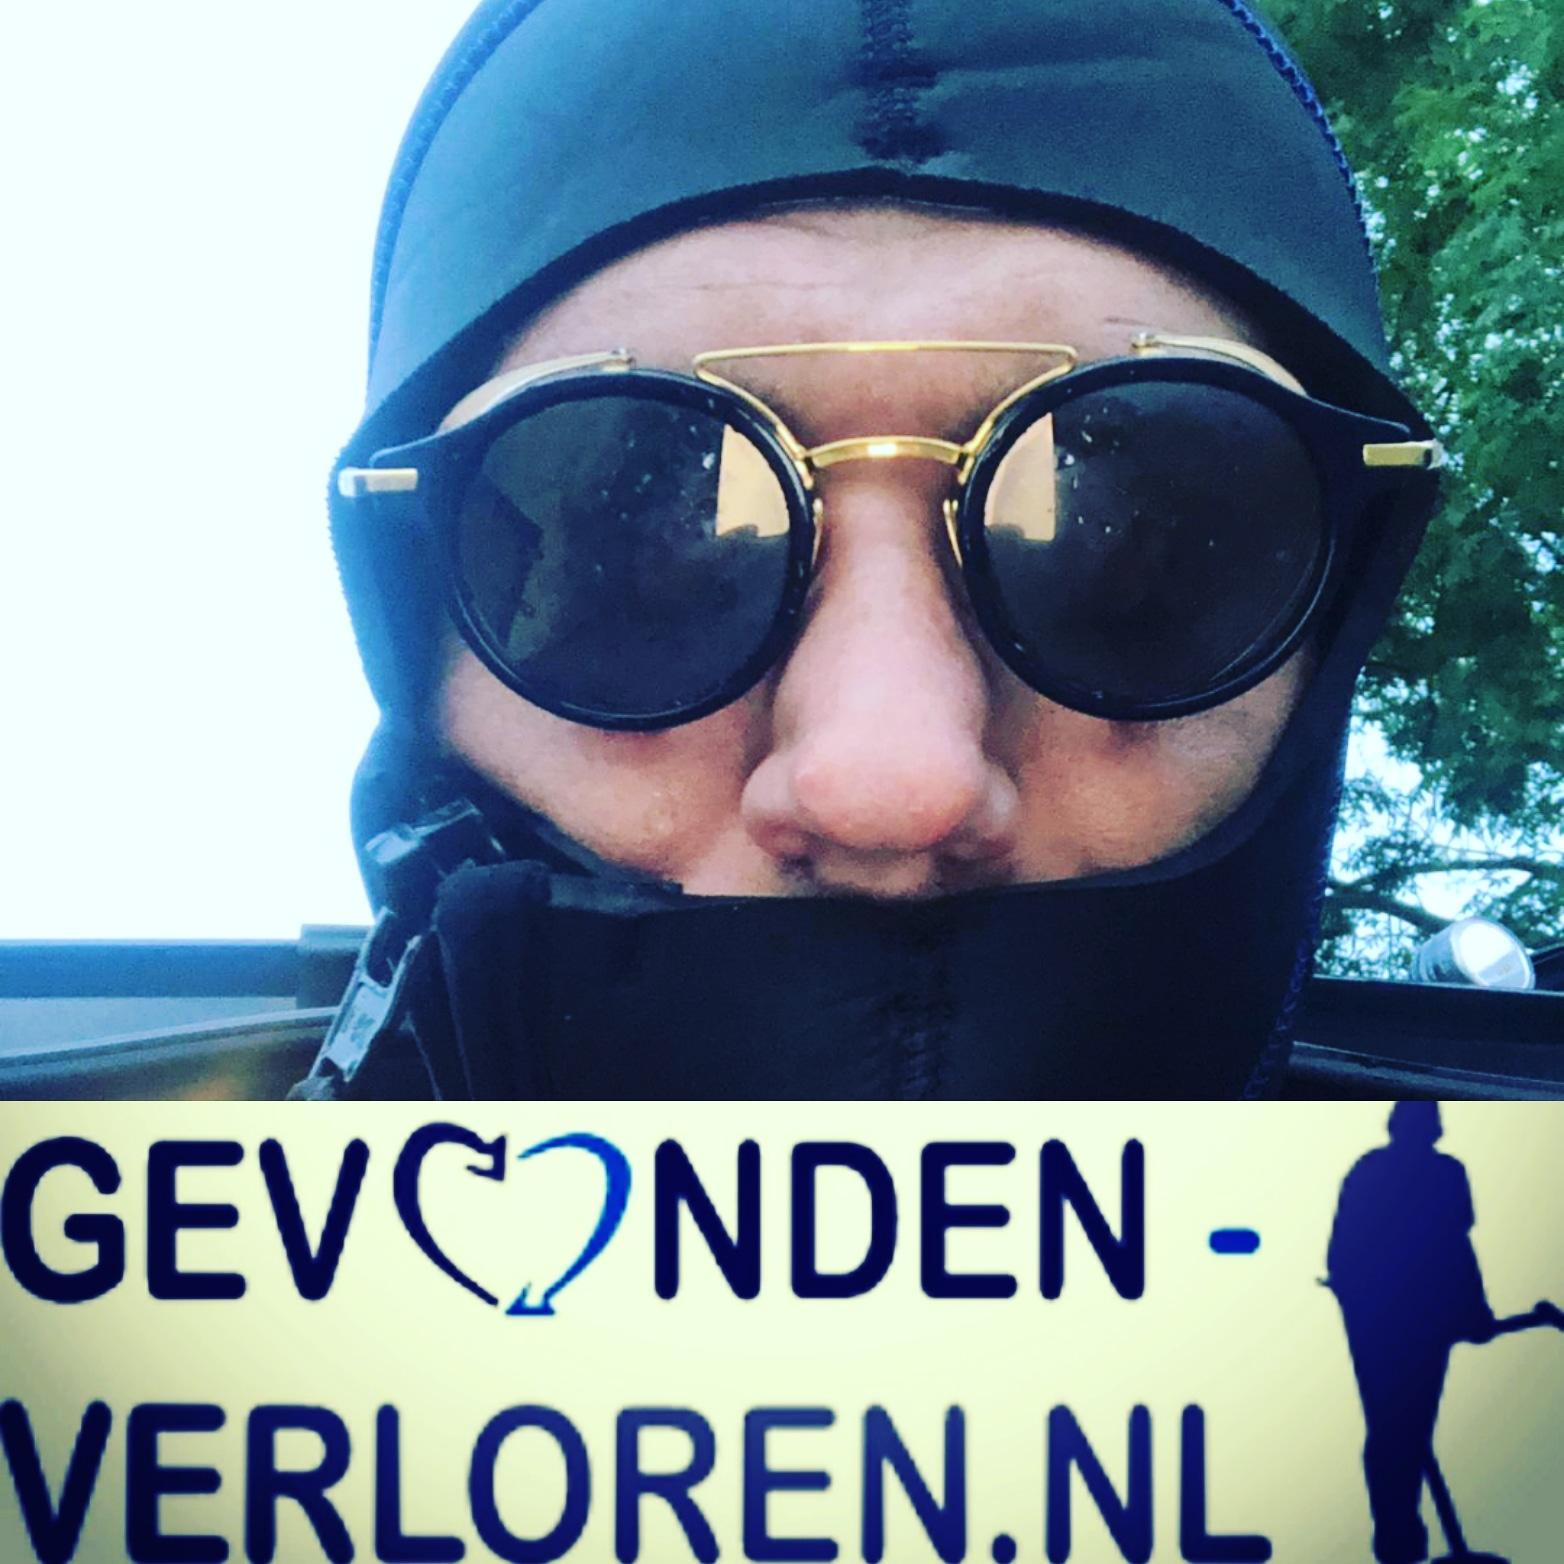 Van Duikbril Naar Zonnebril Henk From Holland Doet Het Gewoon!